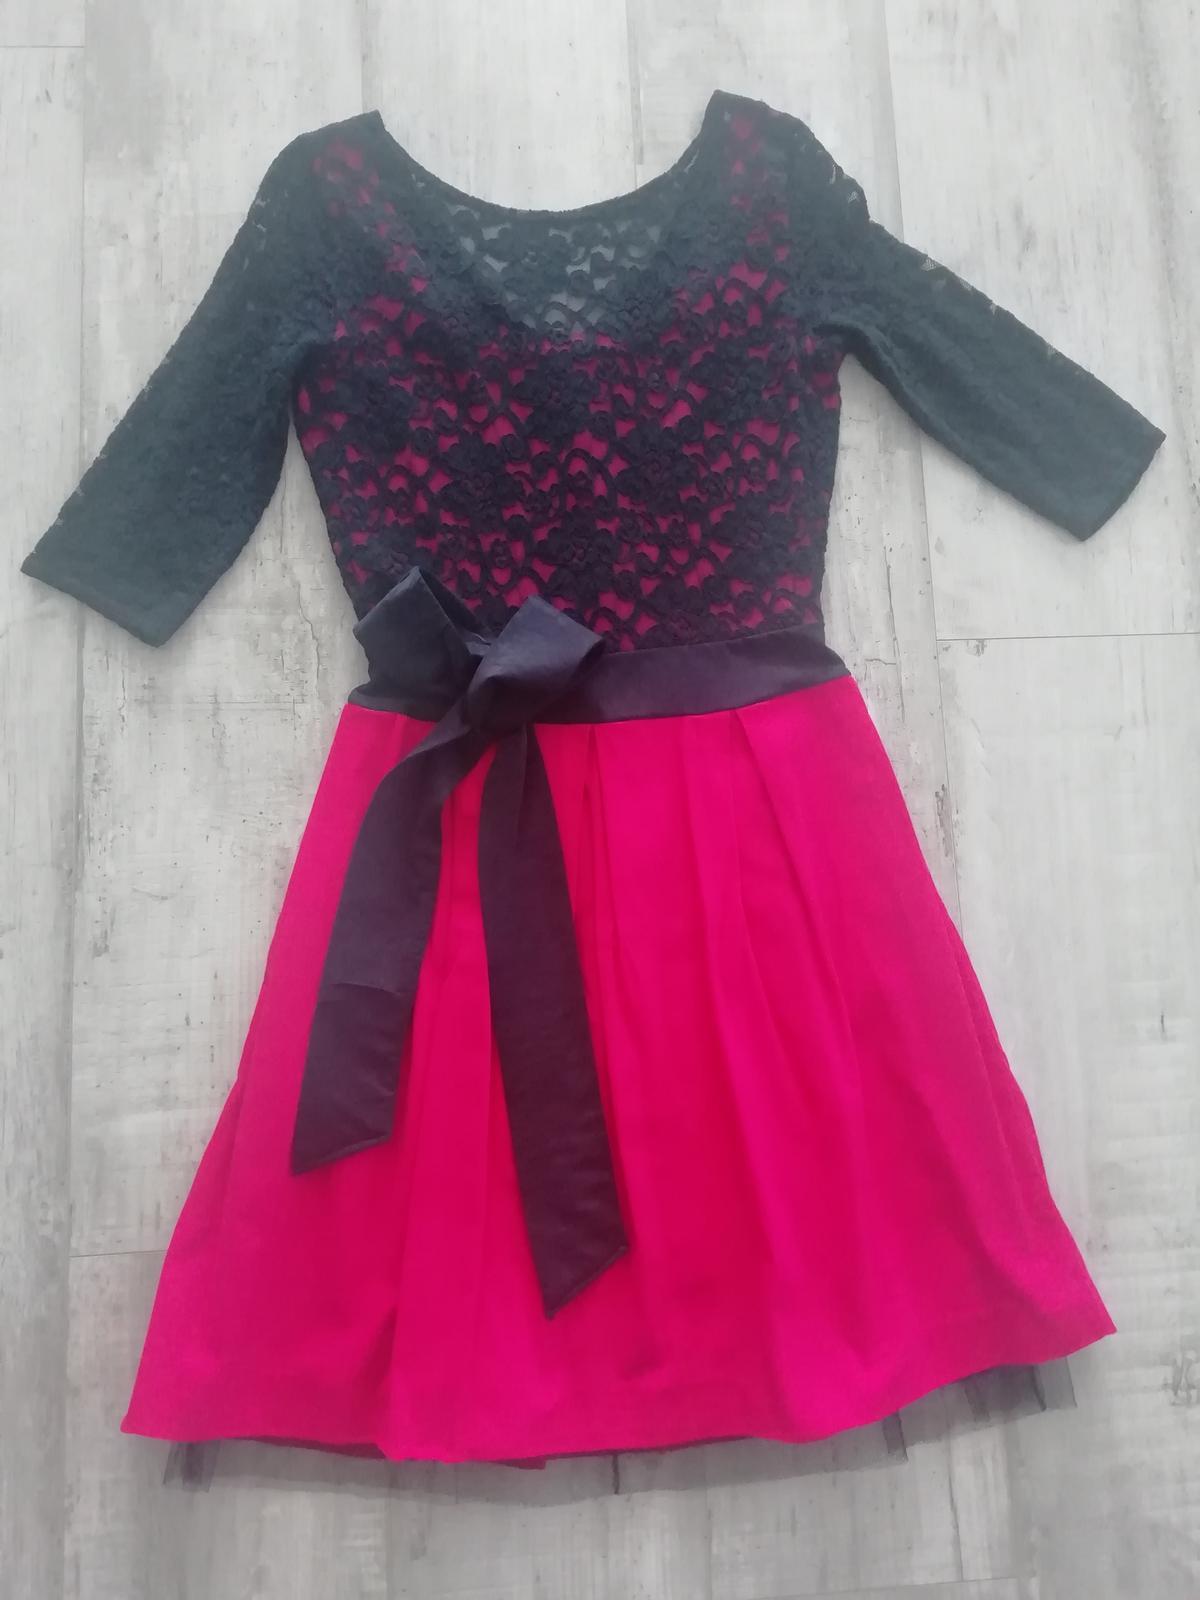 Čipkované krátke spoločenské šaty, veľ.S - Obrázok č. 1